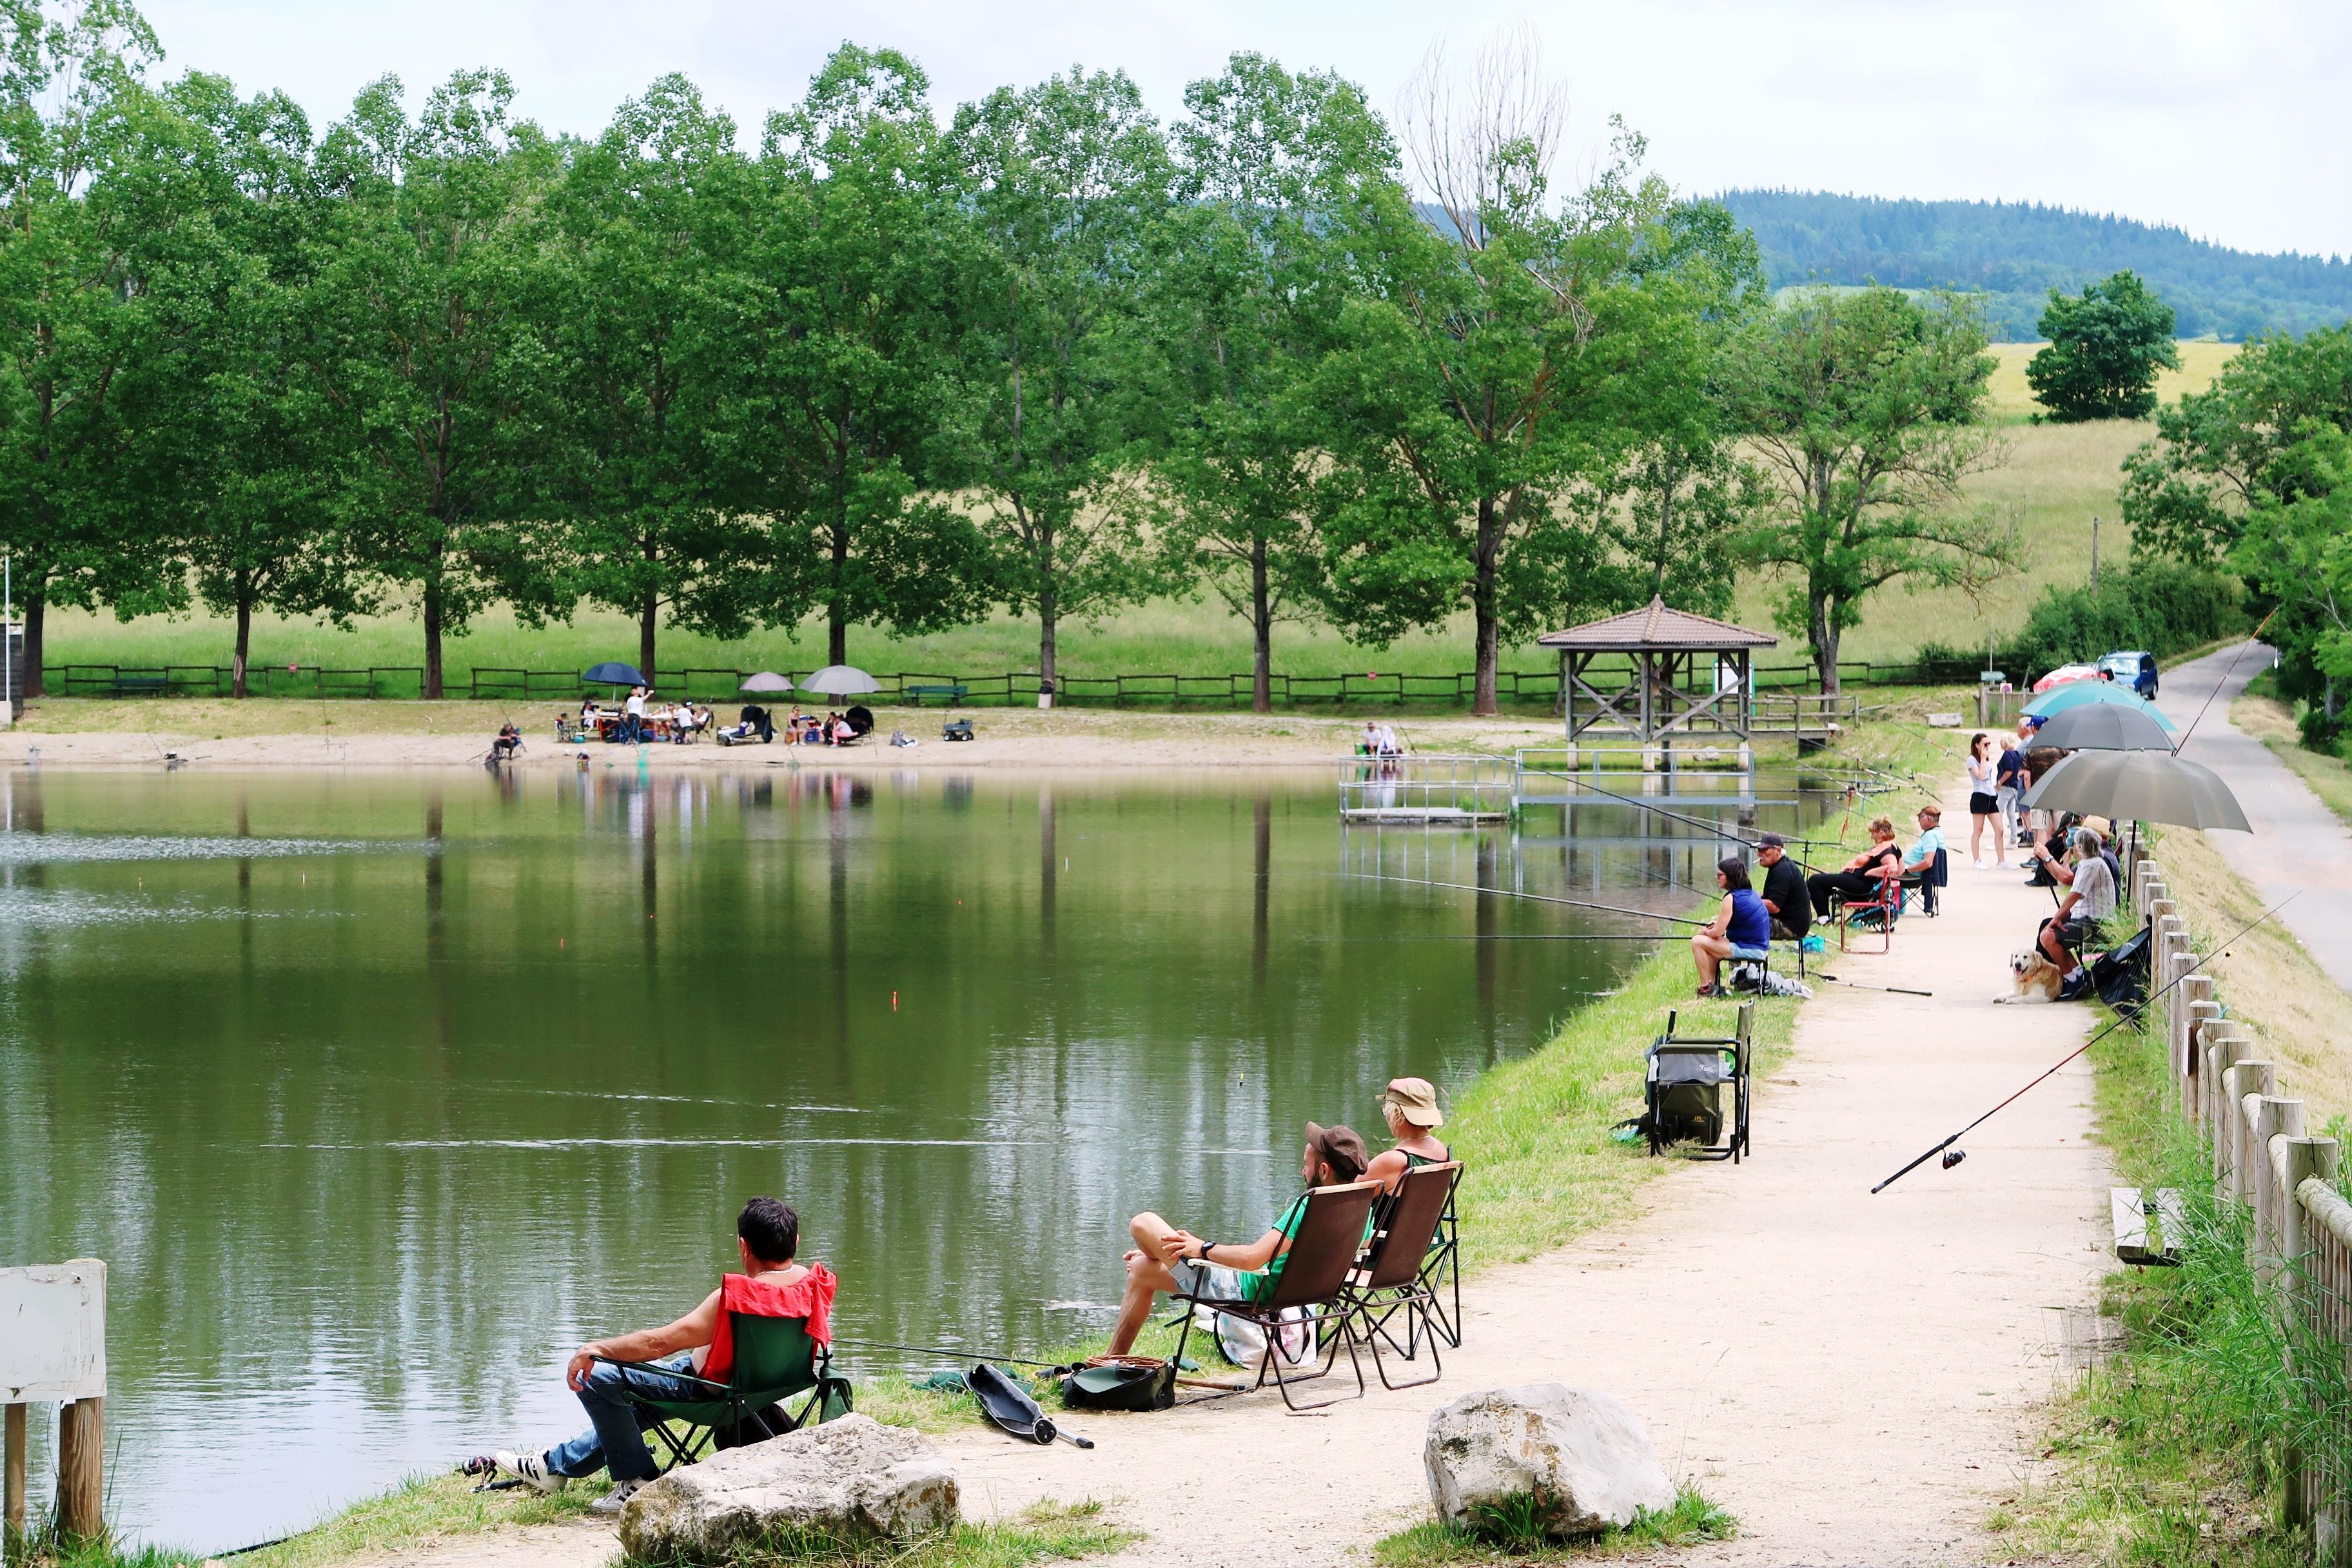 Concours de pêche réservé aux enfants de -15 ans.